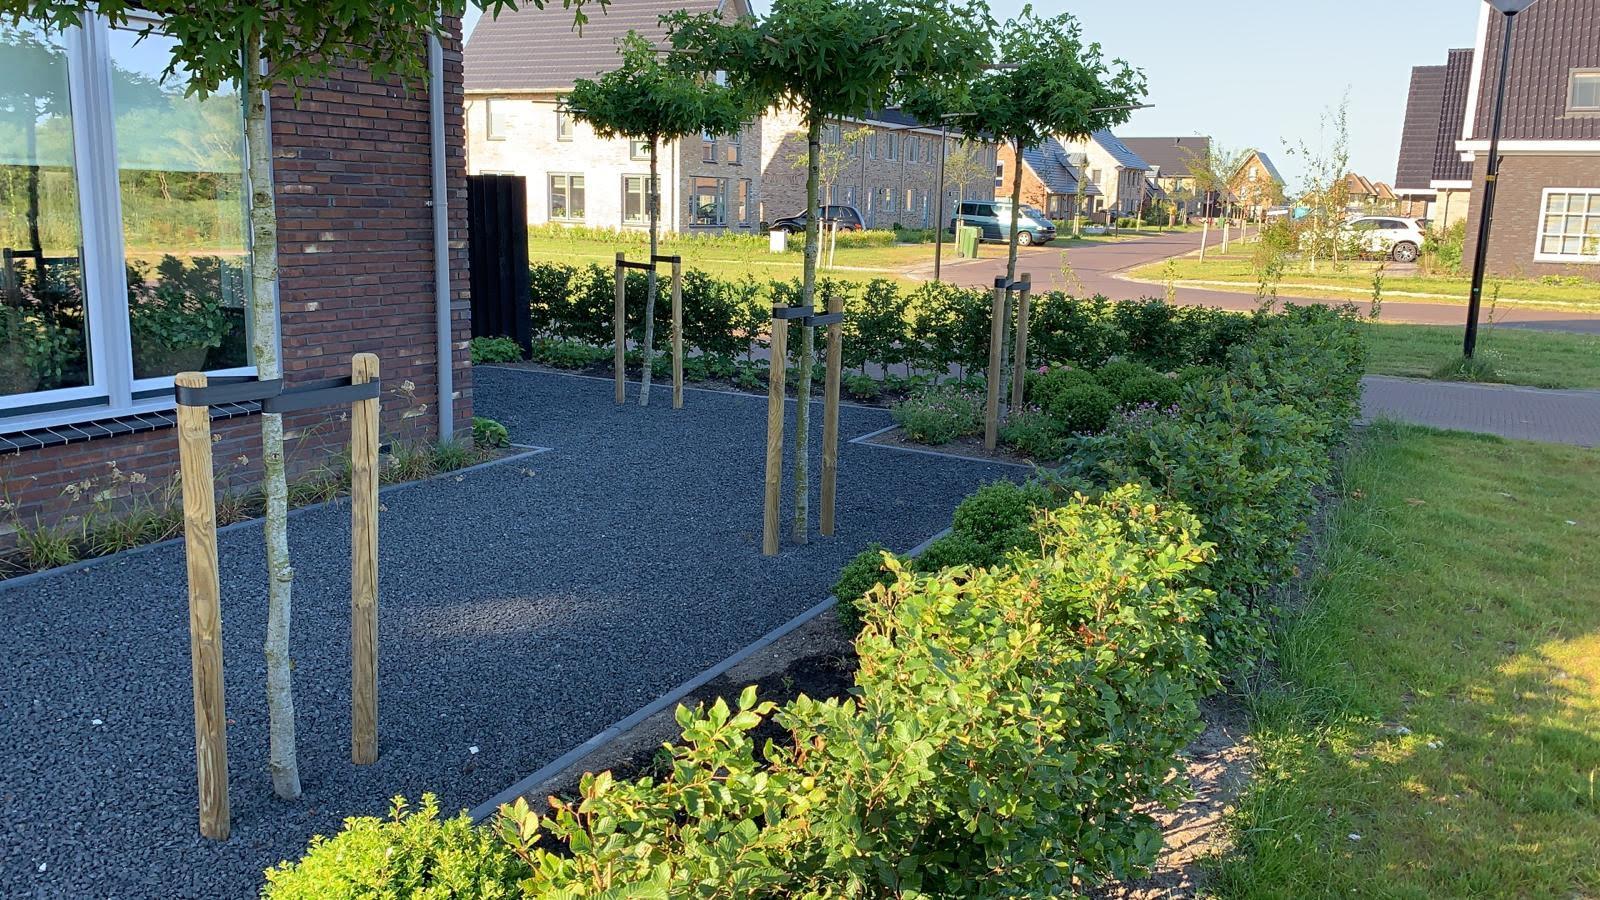 De voortuin met grind en dakbomen past heel mooi bij deze nieuwbouwwoning in Heerhugowaard